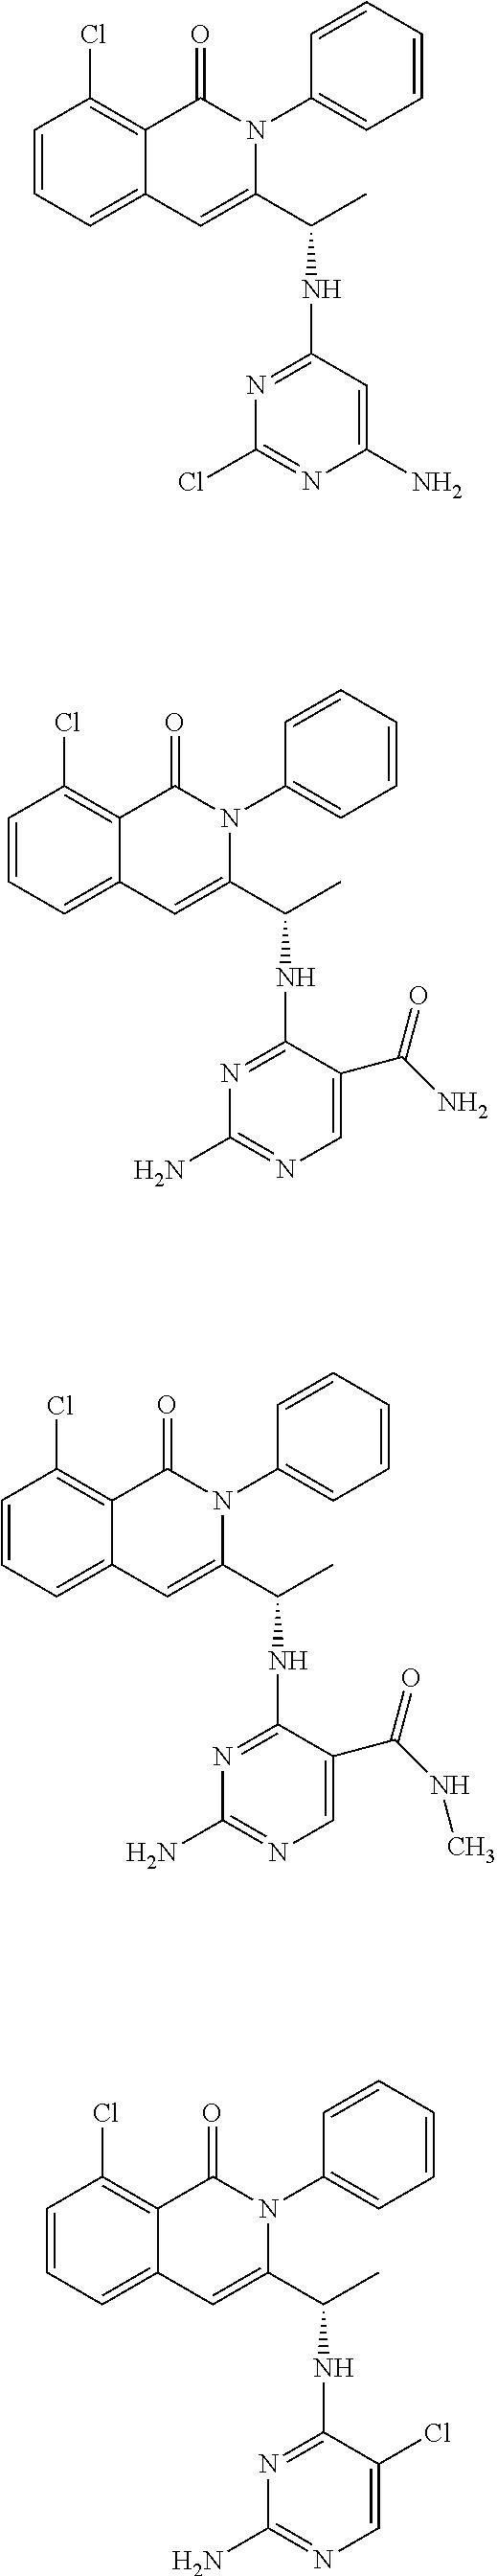 Figure US09216982-20151222-C00290